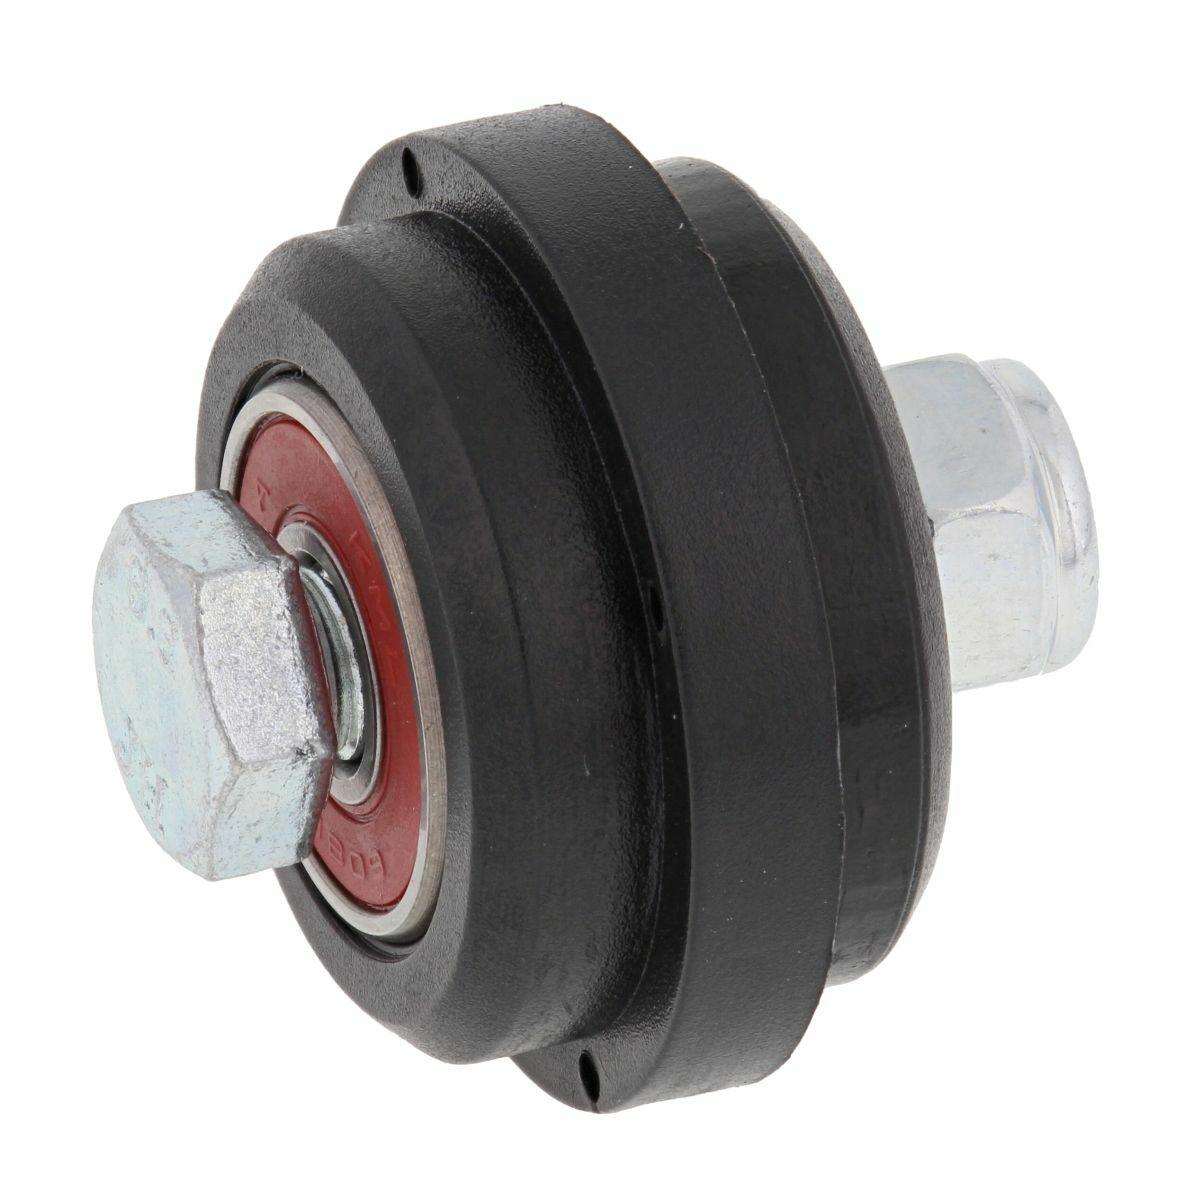 Obrázek produktu Kladka řetezu All Balls Racing KTM černá 79-5003